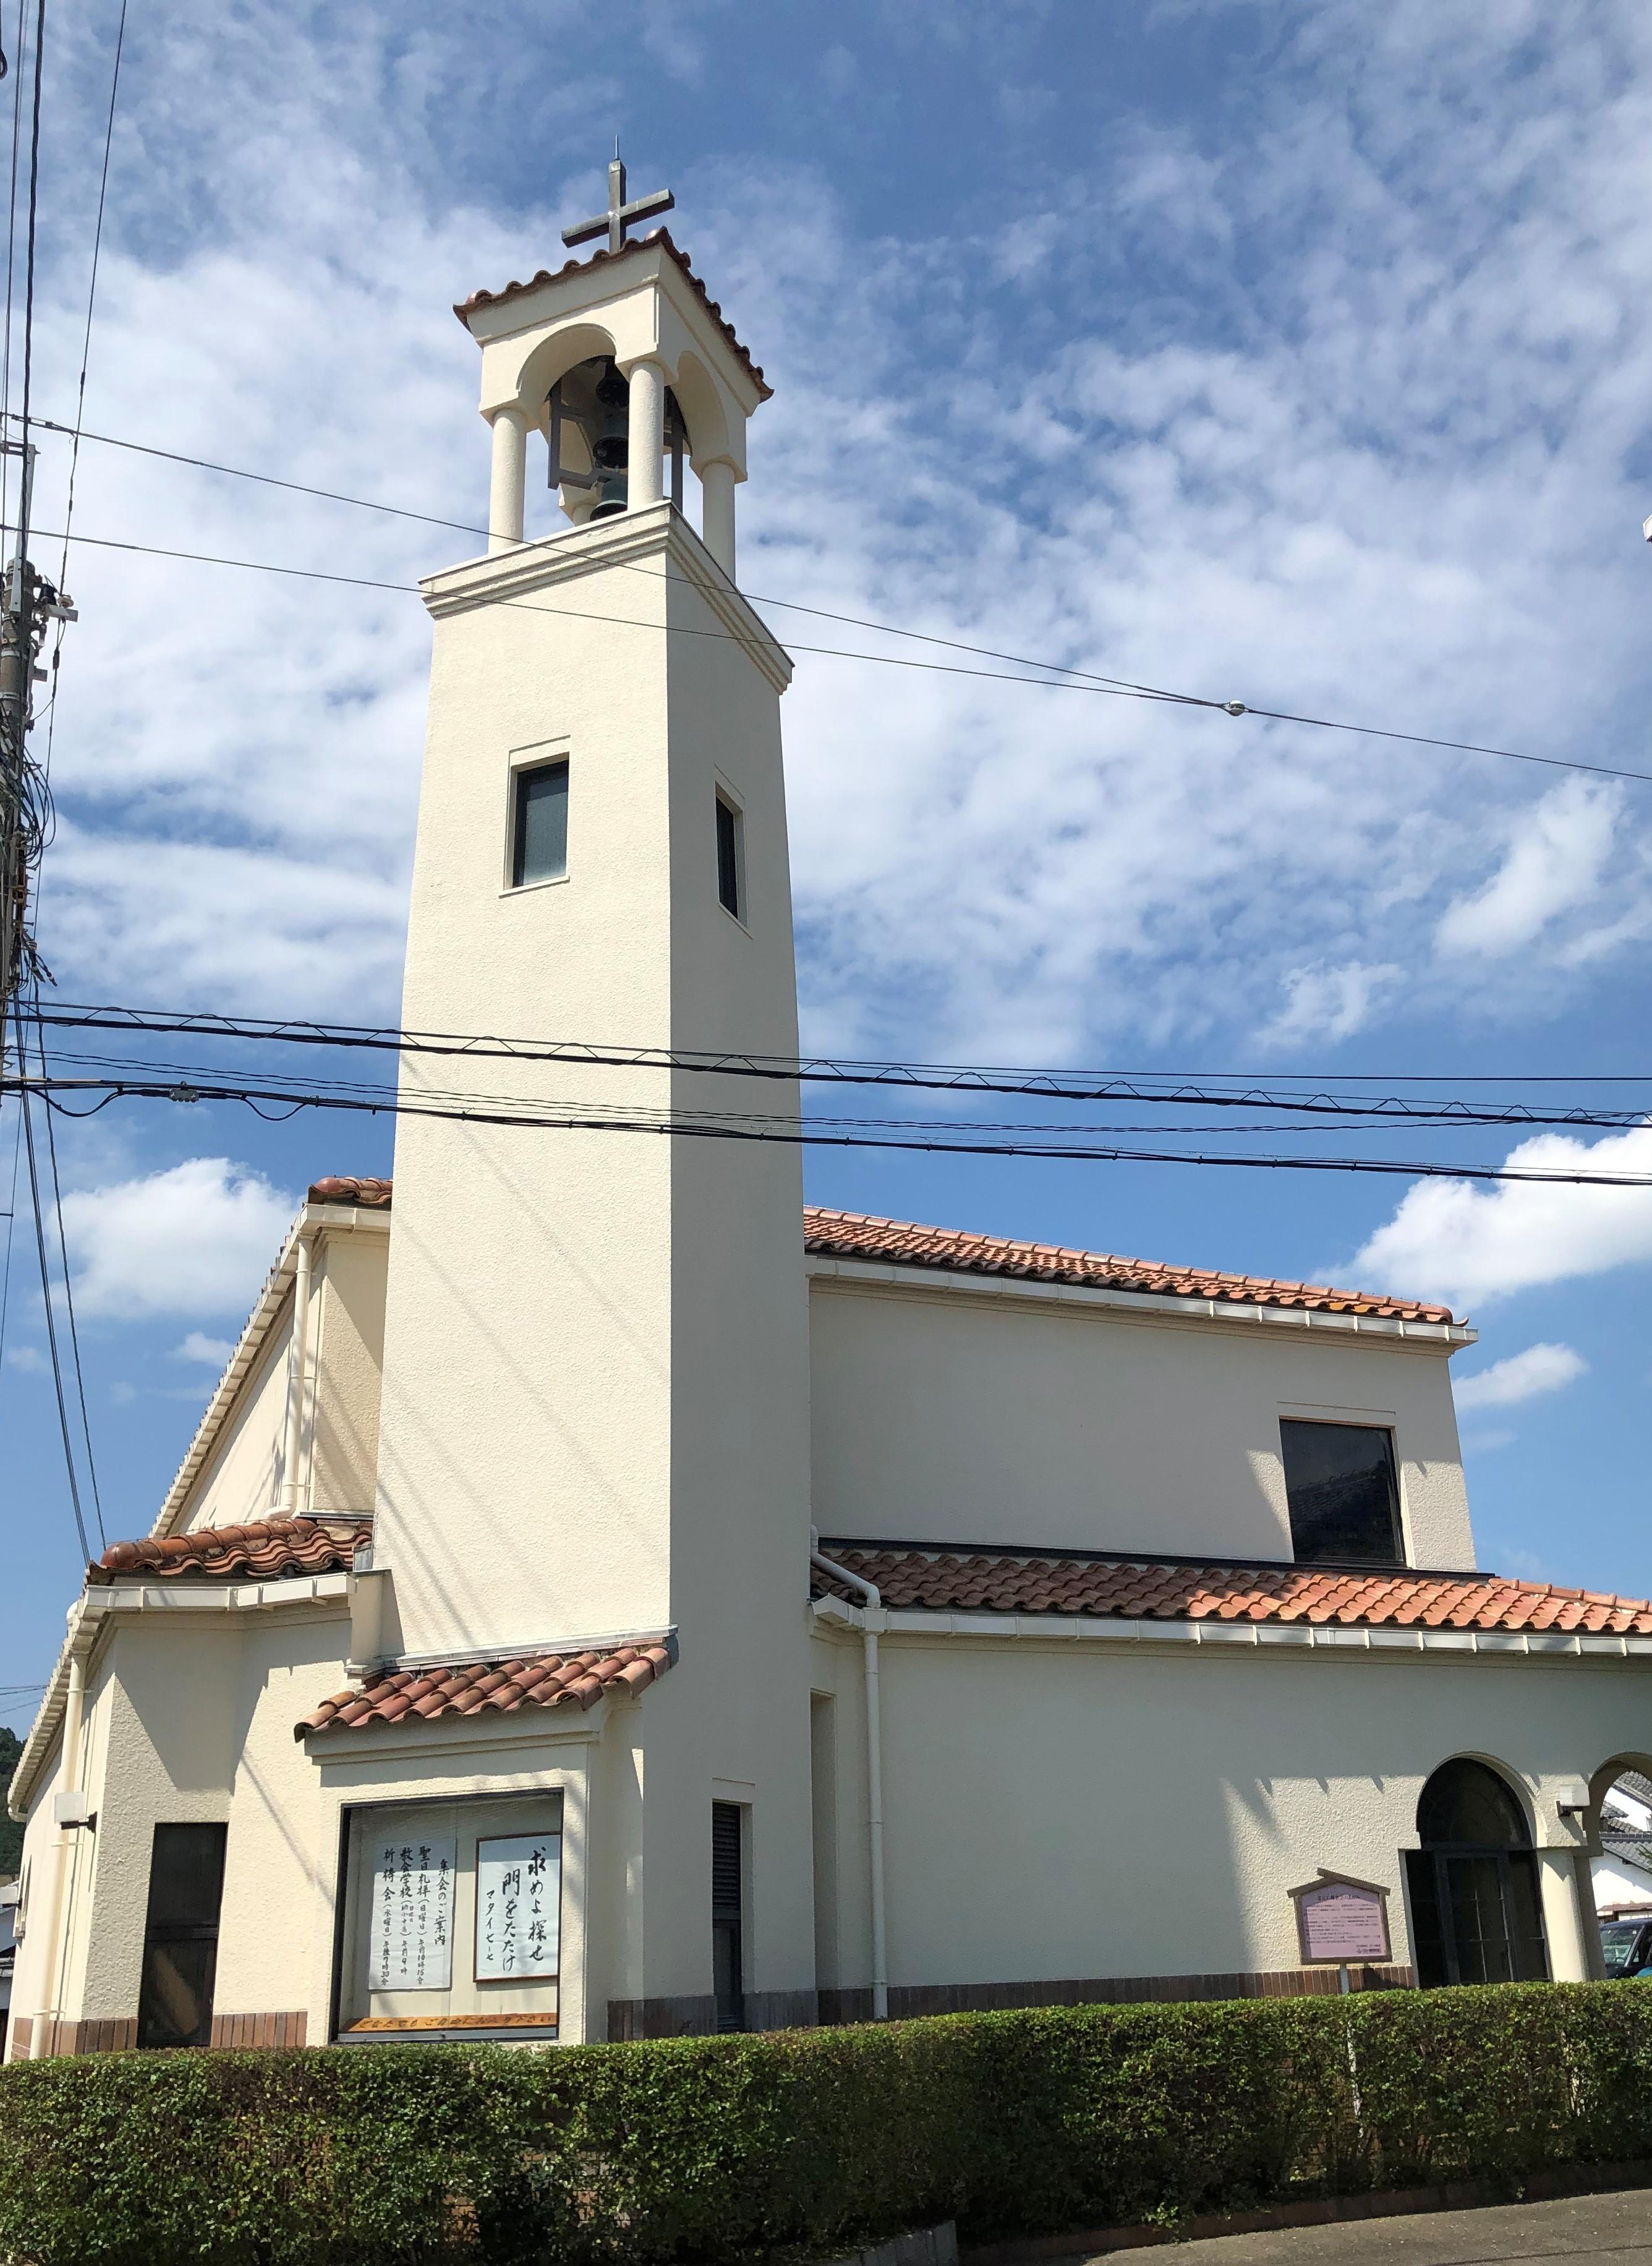 ハーレーとカワサキで行く近江八幡ツーリング ヴォーリズ建築 アンドリュース記念館 教会